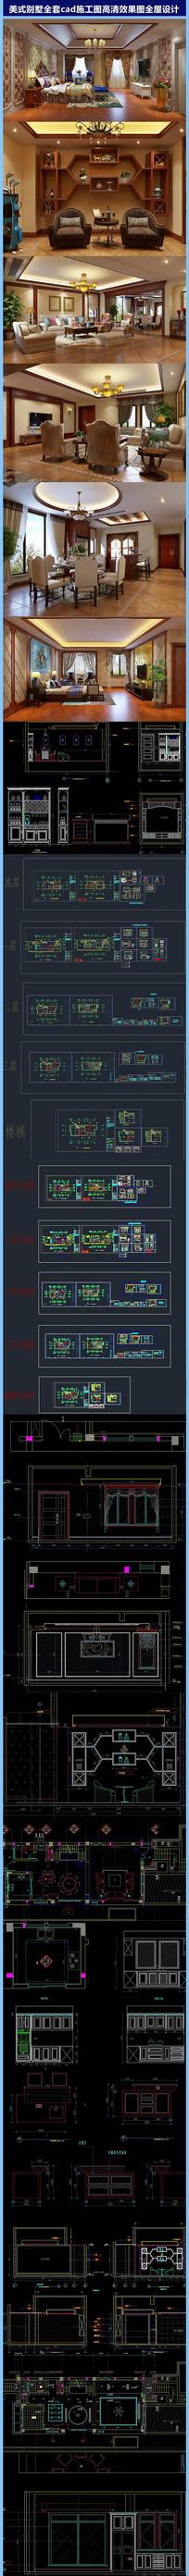 美式别墅全套cad施工图效果图全屋设计